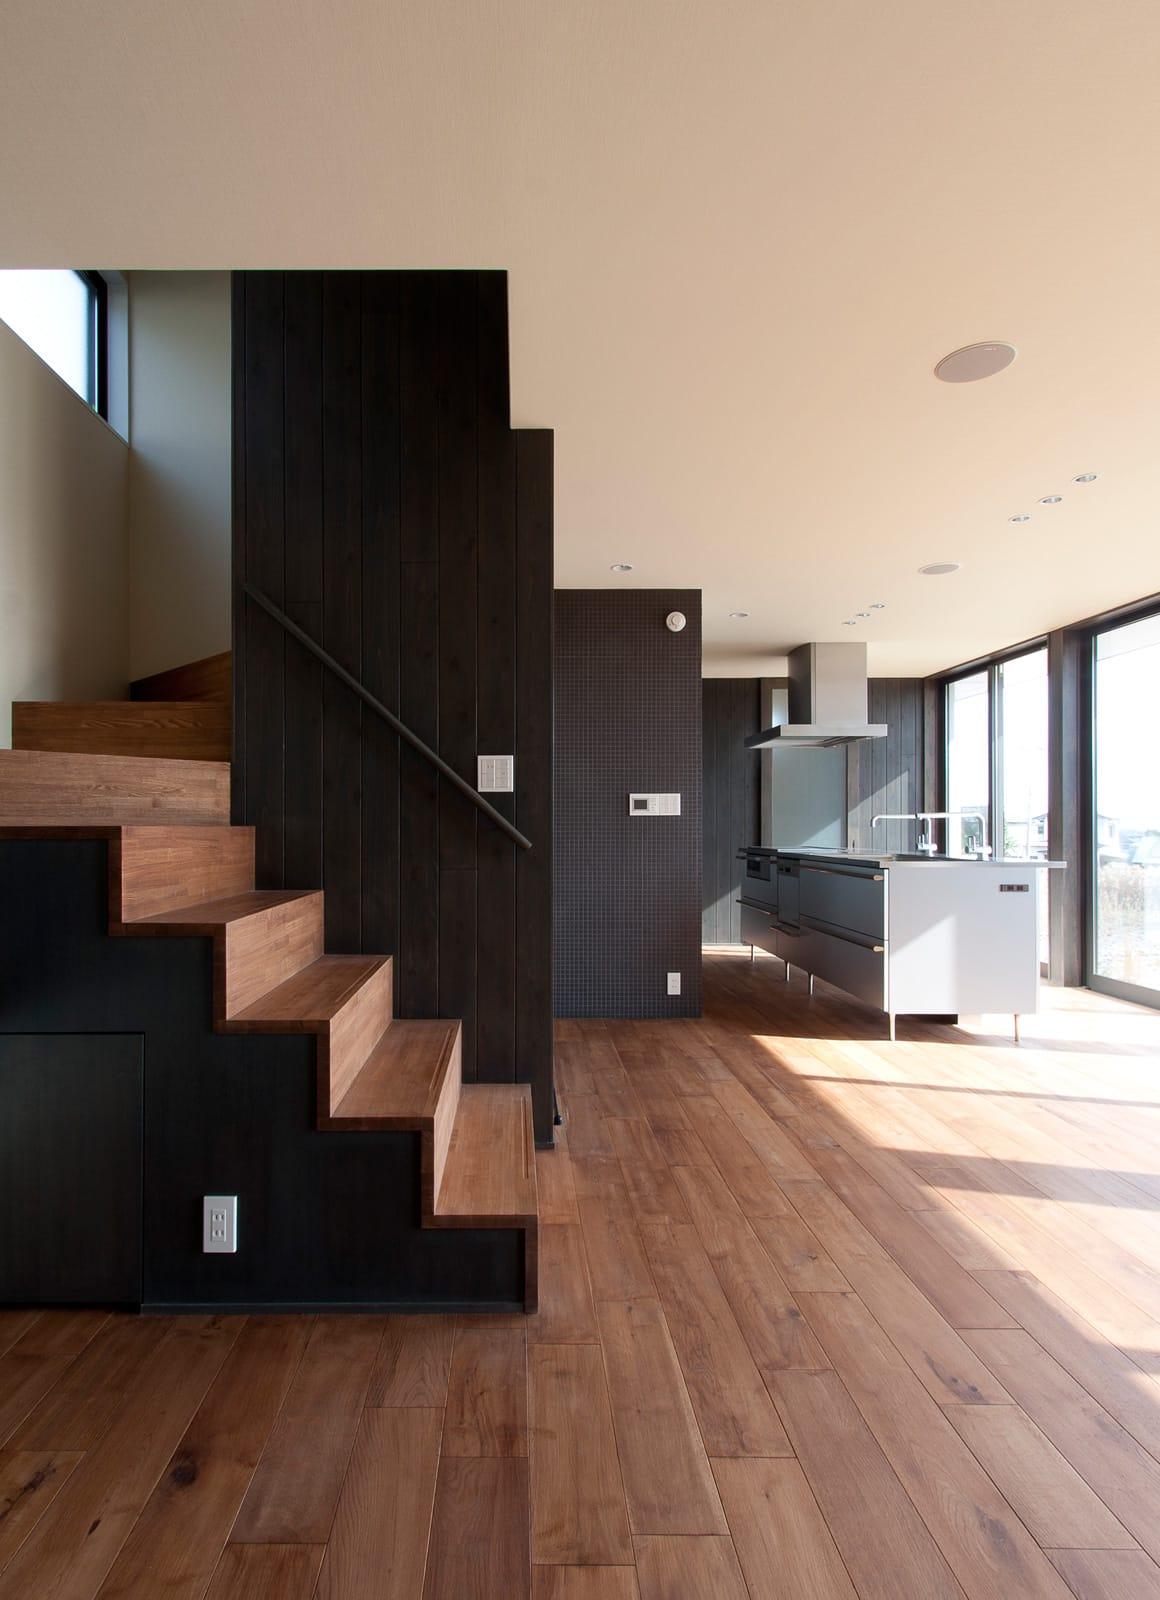 スローライフを楽しめる家の階段(木製)1